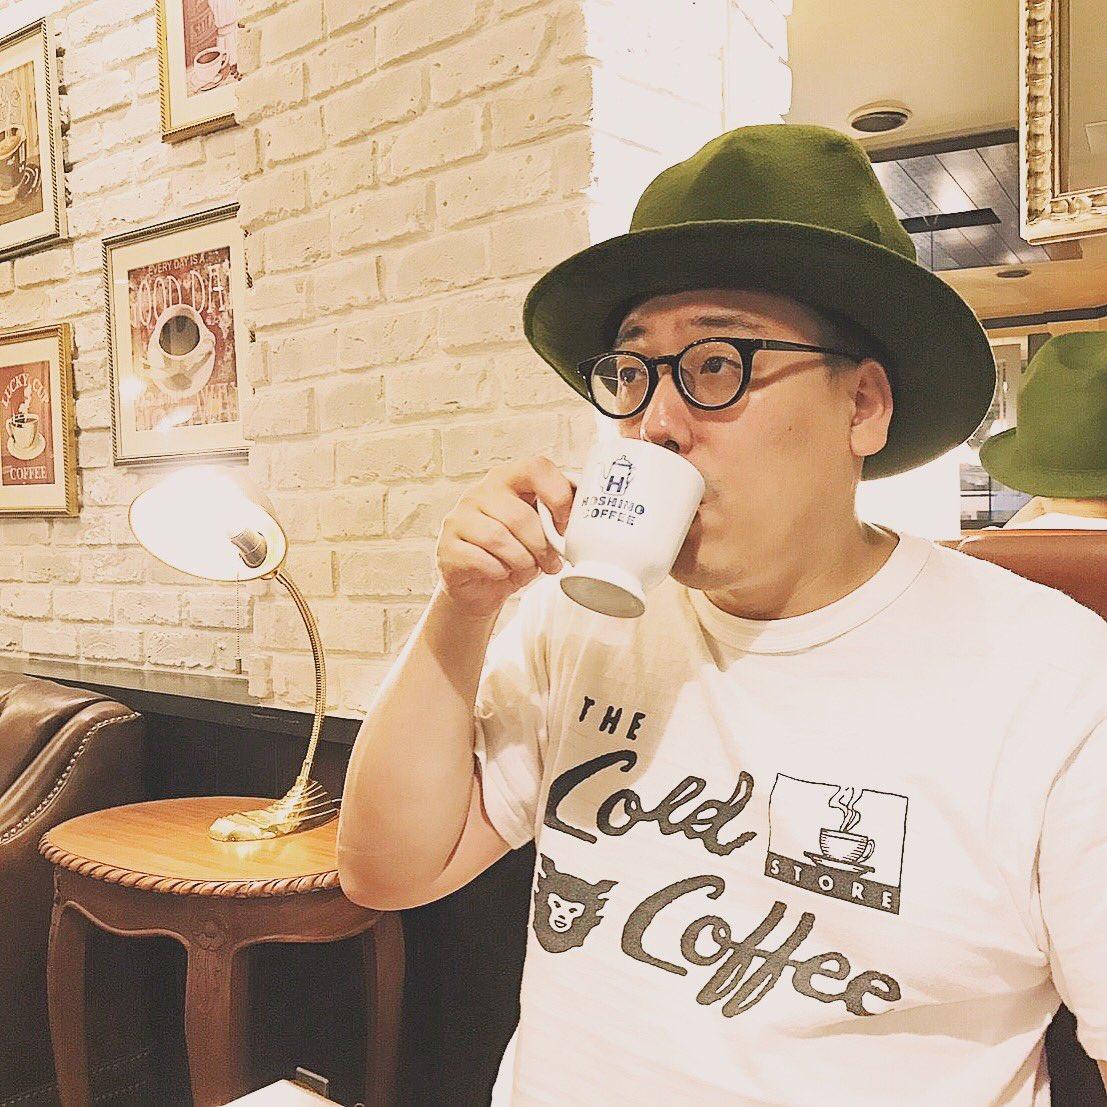 マツコの知らない世界ご覧いただきありがとうございました! マツコさんと2人でお茶できたという喜びを噛みしめておりました! 皆さまもぜひレトロ珈琲チェーン、そしてコーヒーを好きになって頂ければ嬉しいです! #マツコの知らない世界 https://t.co/MlJEpWYSsA